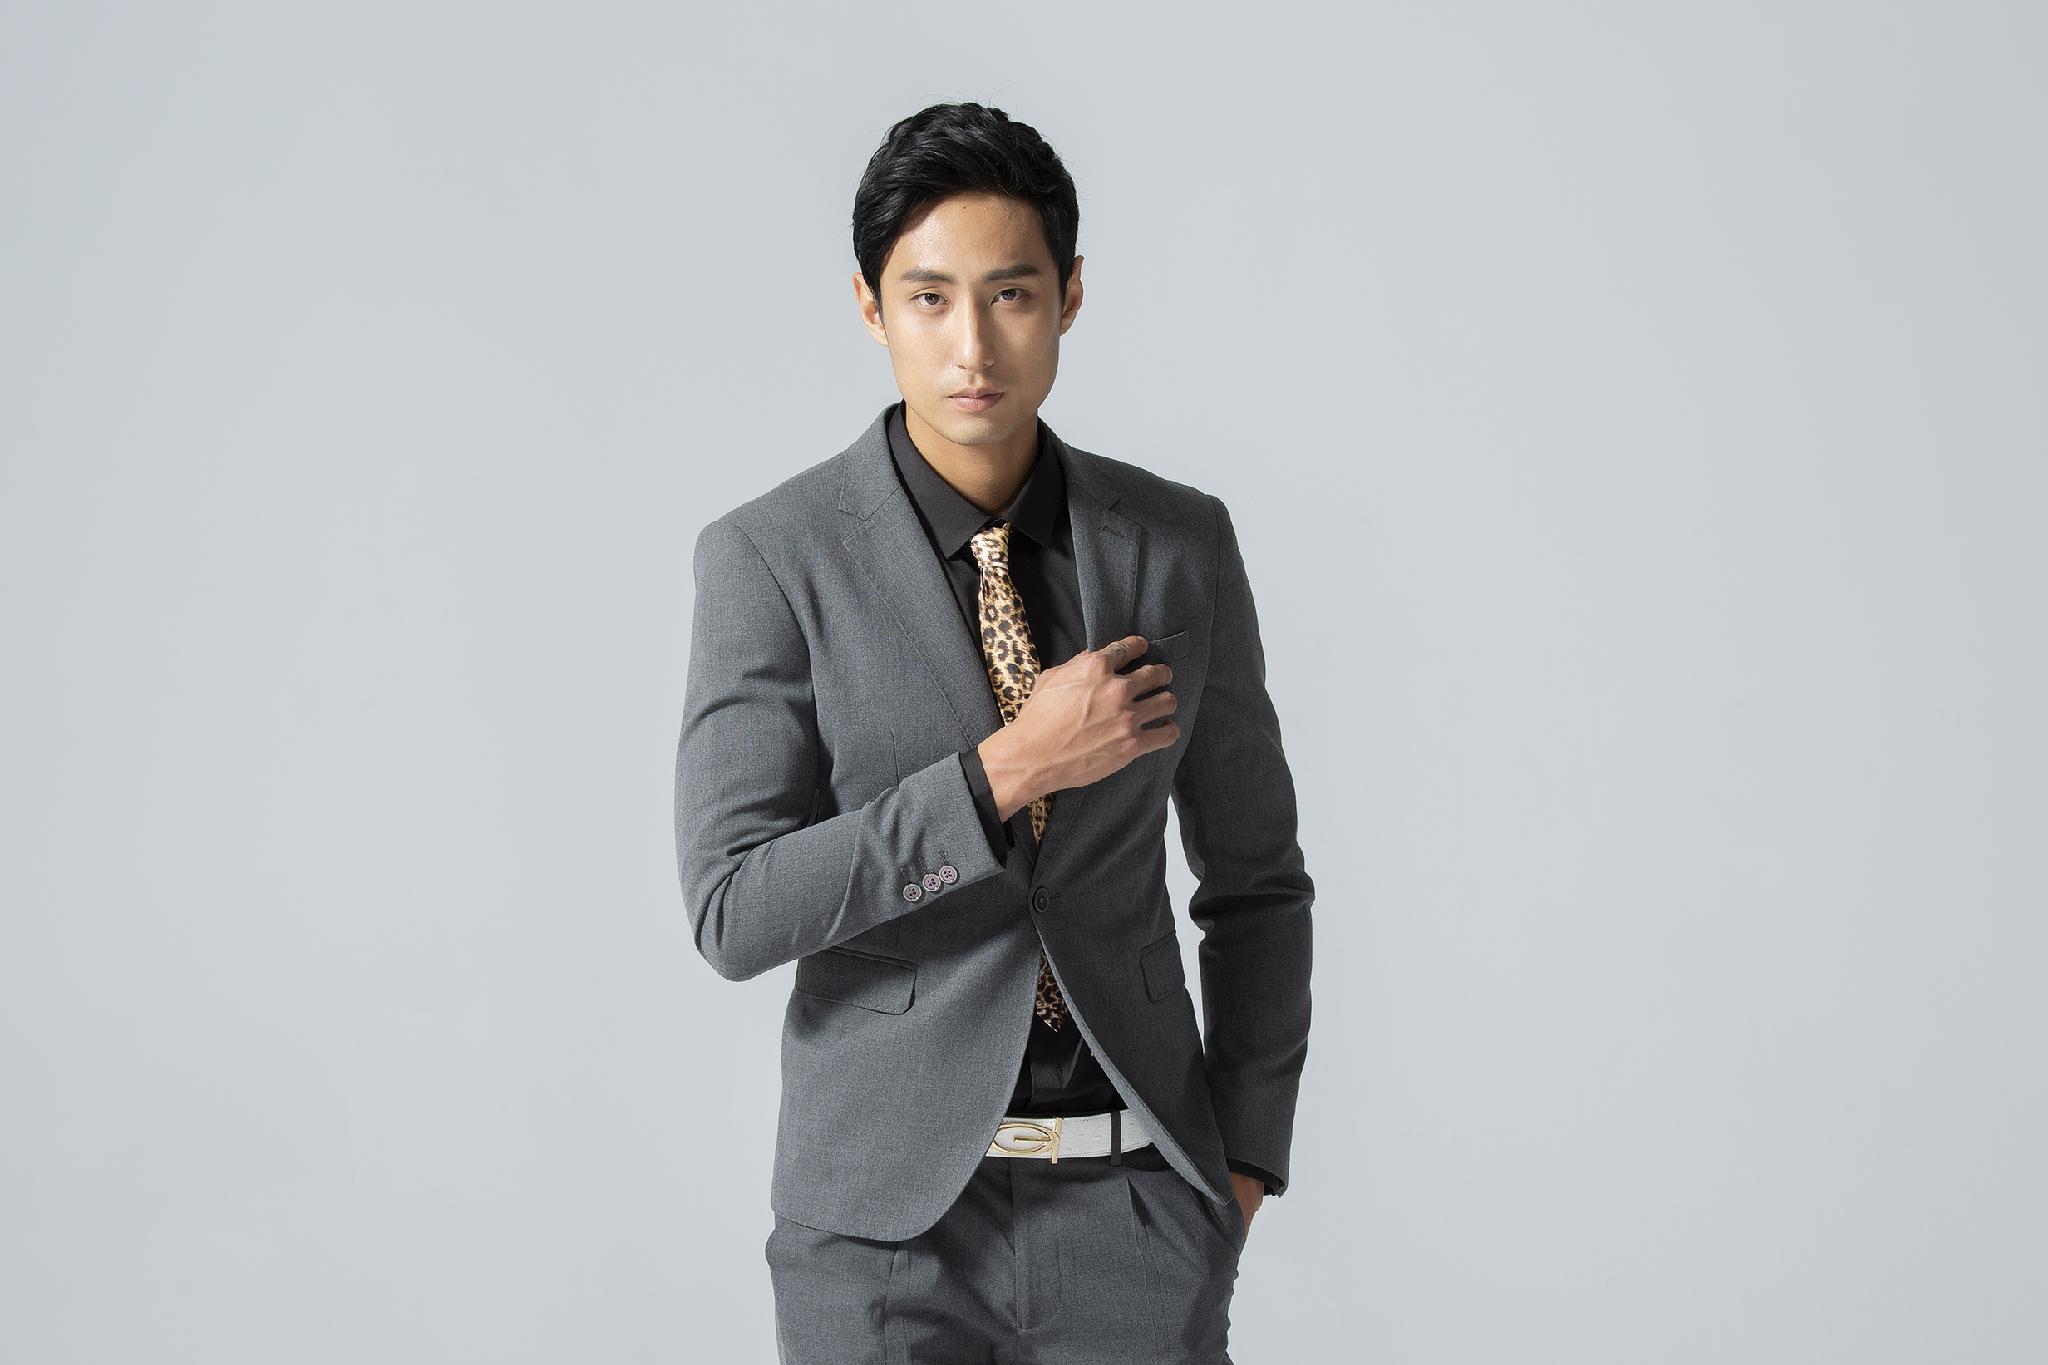 韓版男生西裝拍攝男裝攝影衣服拍攝台中攝影師